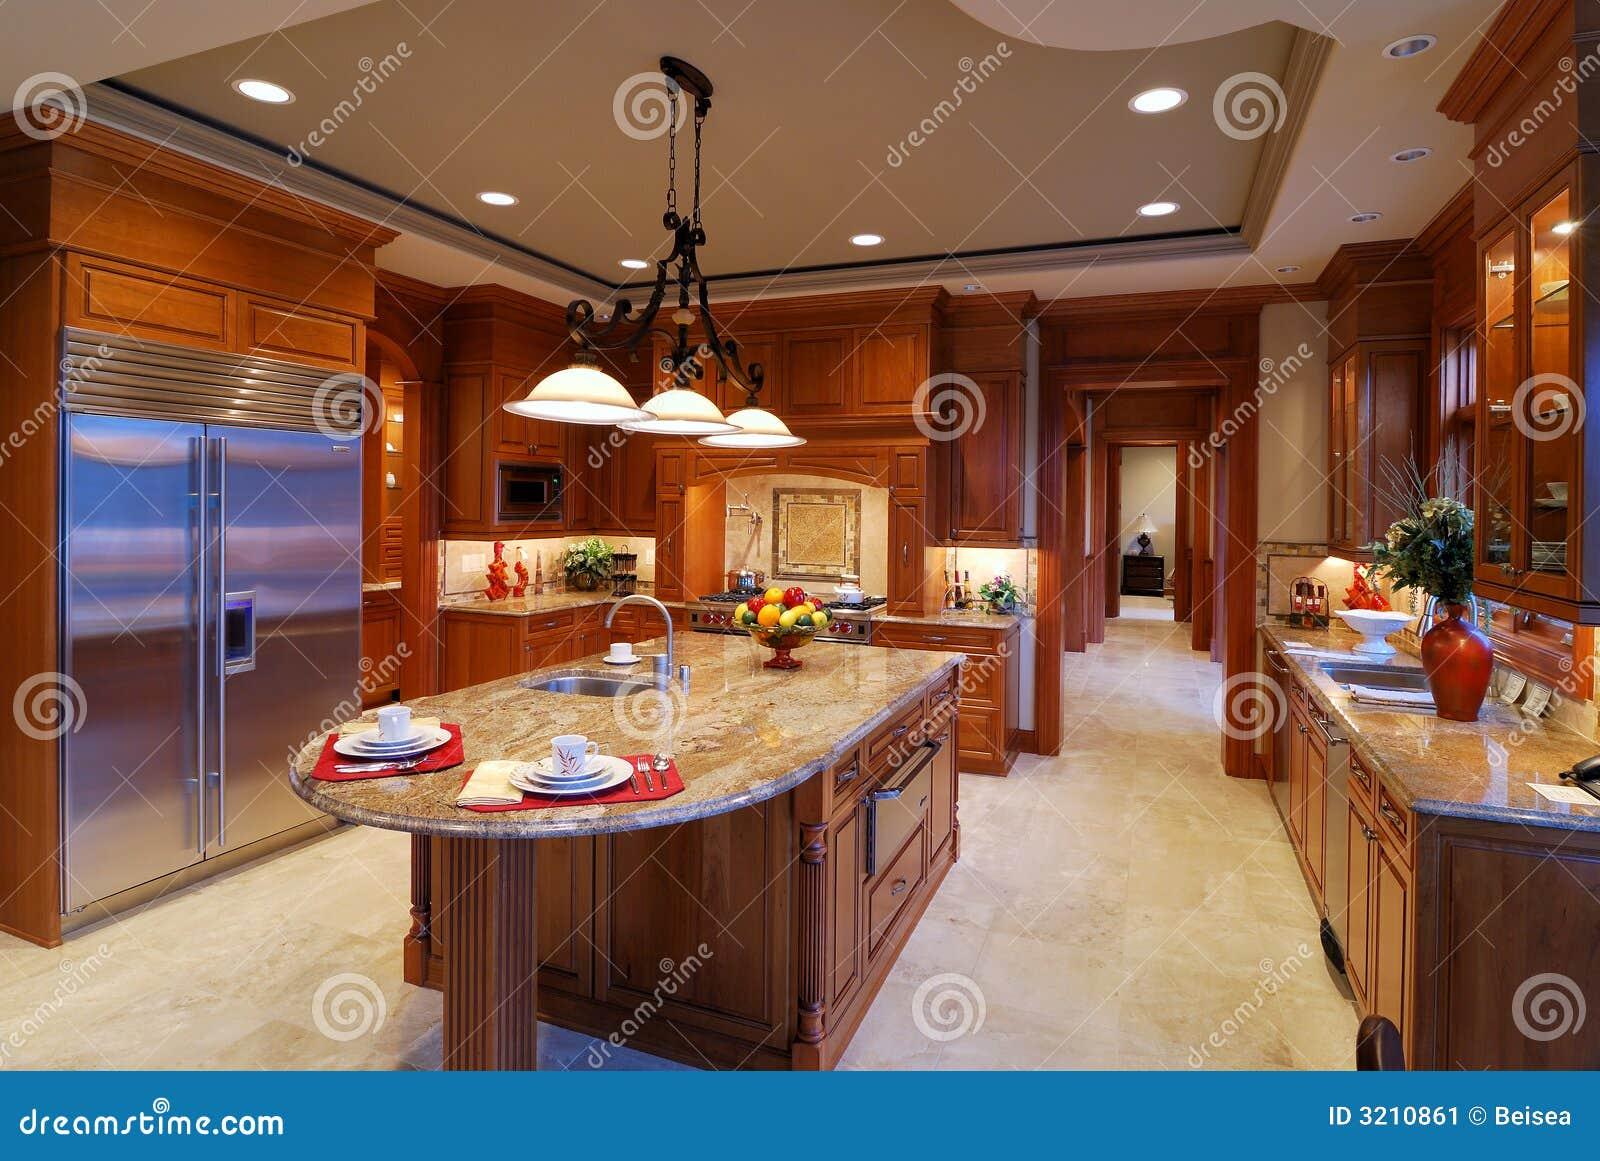 Keuken Grote Open : Grote keuken stock afbeelding afbeelding bestaande uit echt